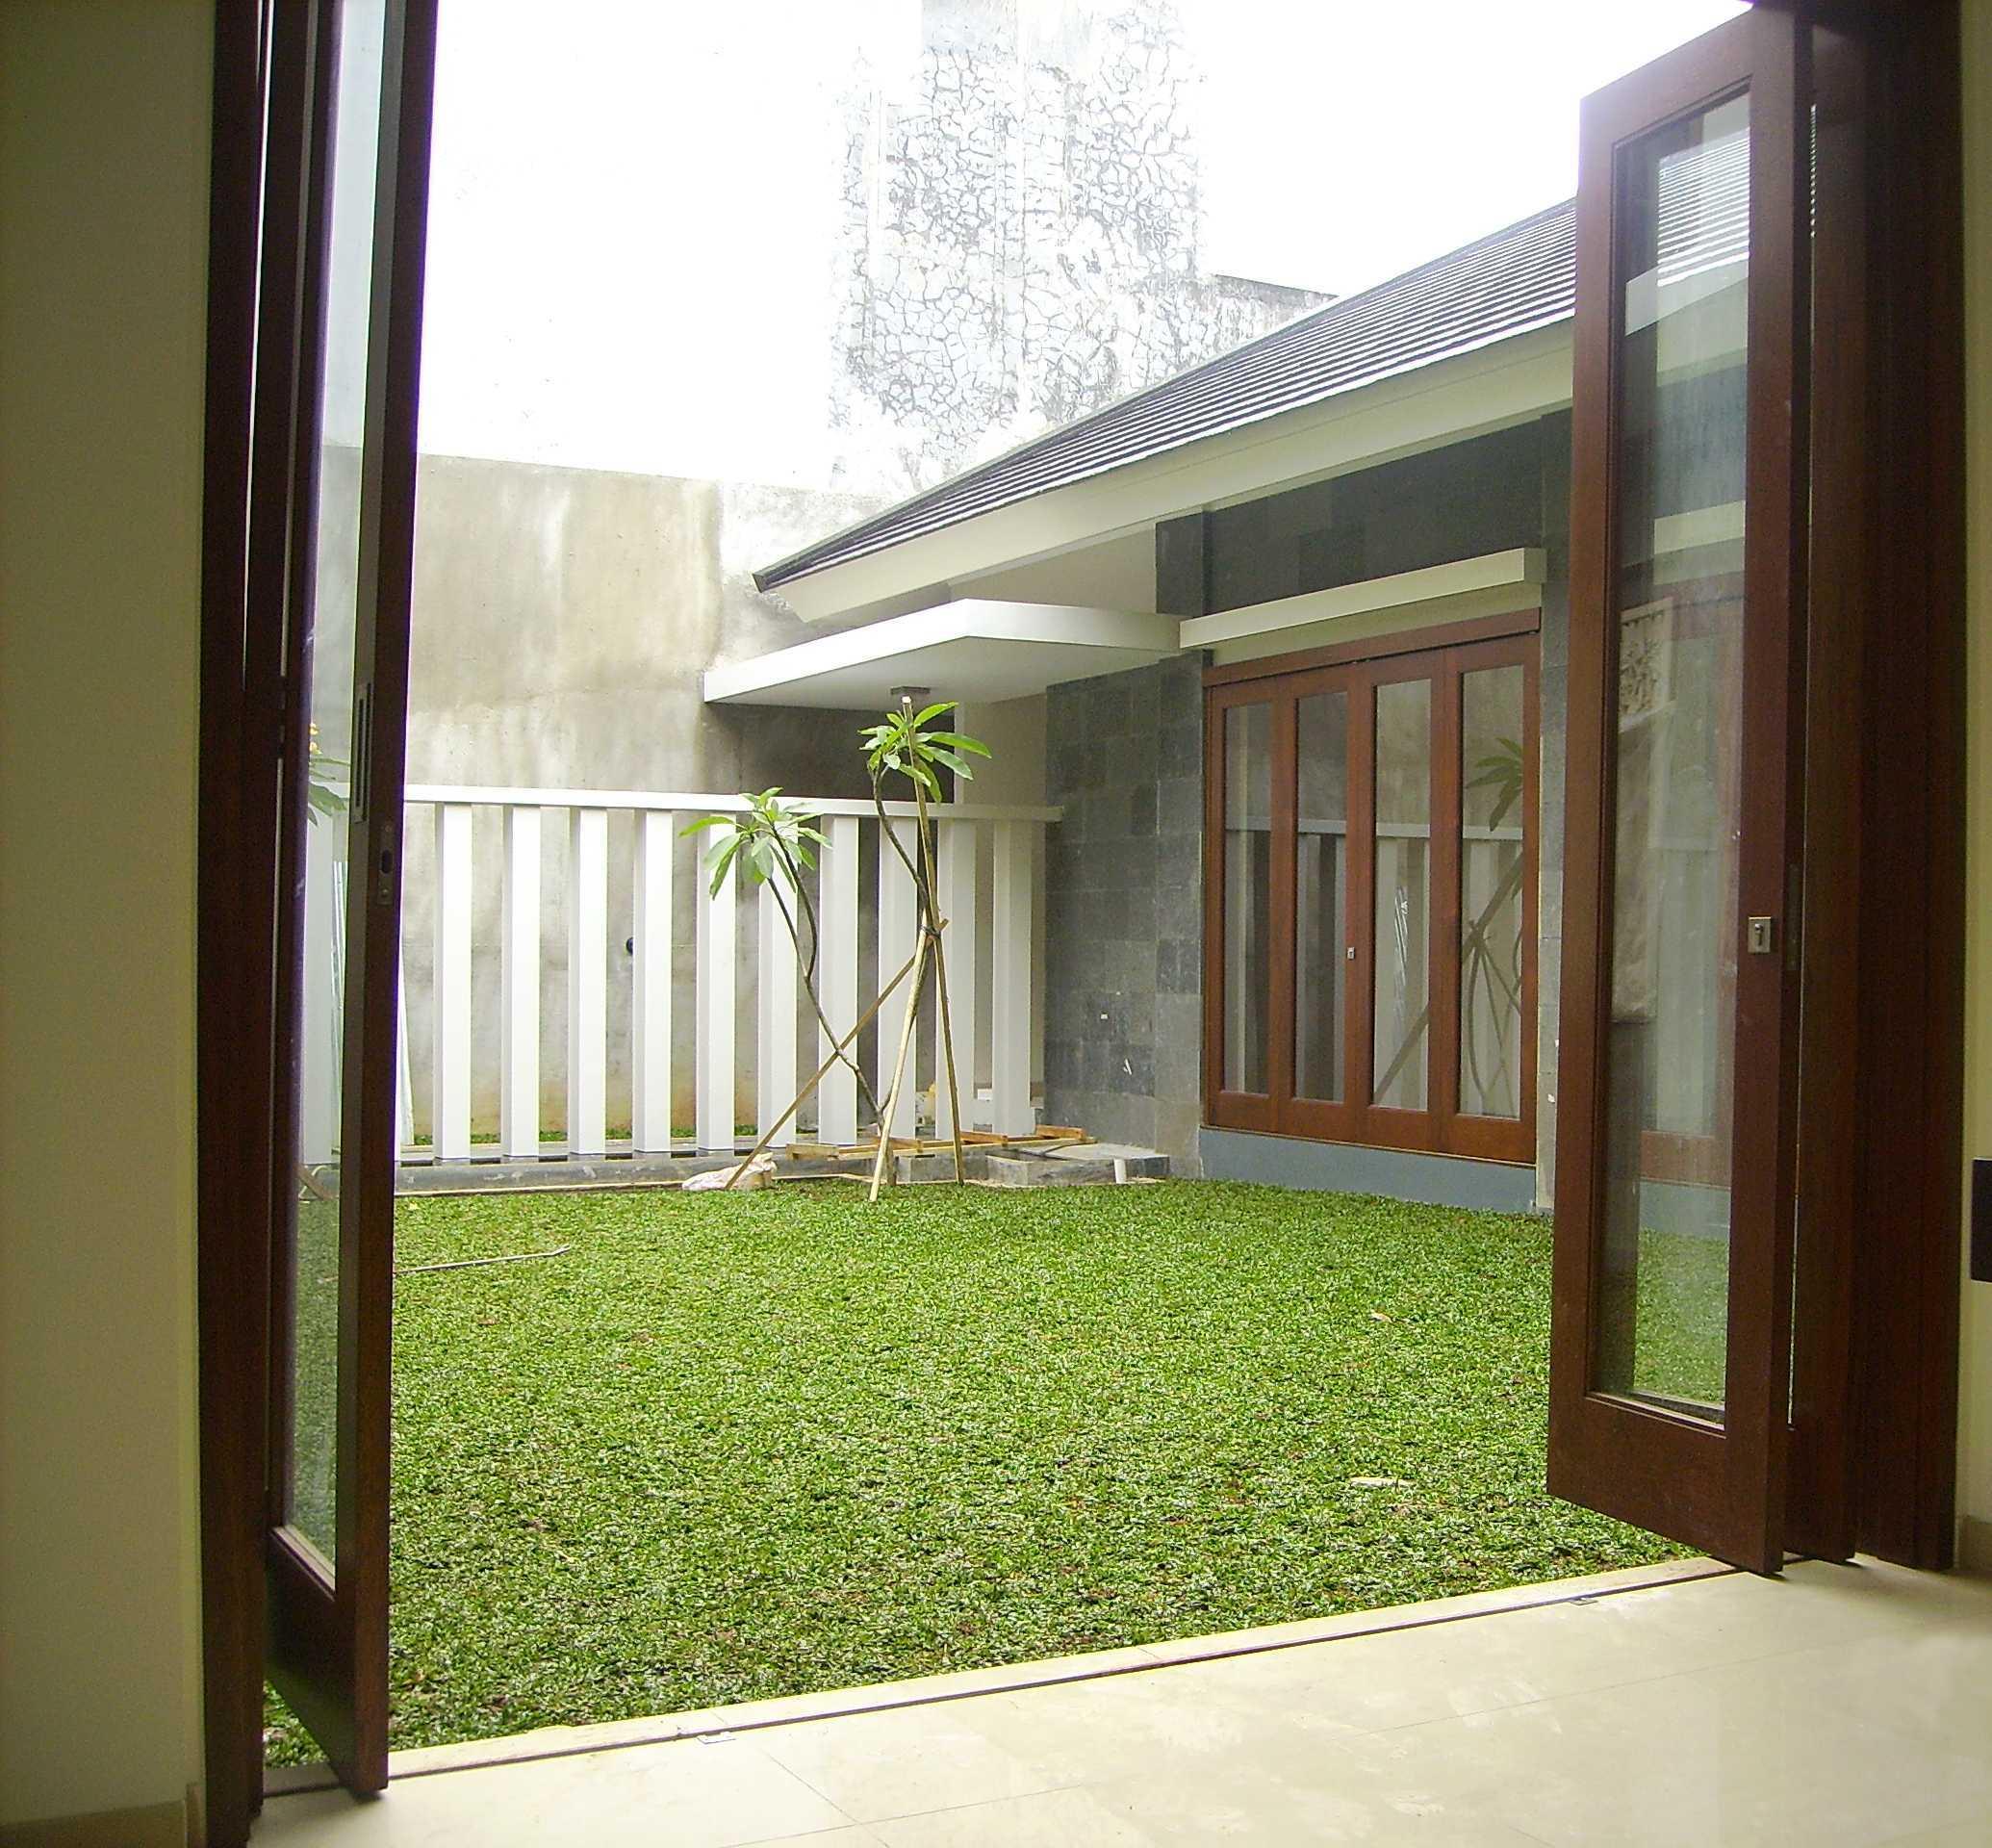 Kurniadi Sugiarta Modern Land Dl Modern Land, Tangerang Modern Land, Tangerang Cente Rbreath Garden Modernland Tradisional,tropis,modern  22210